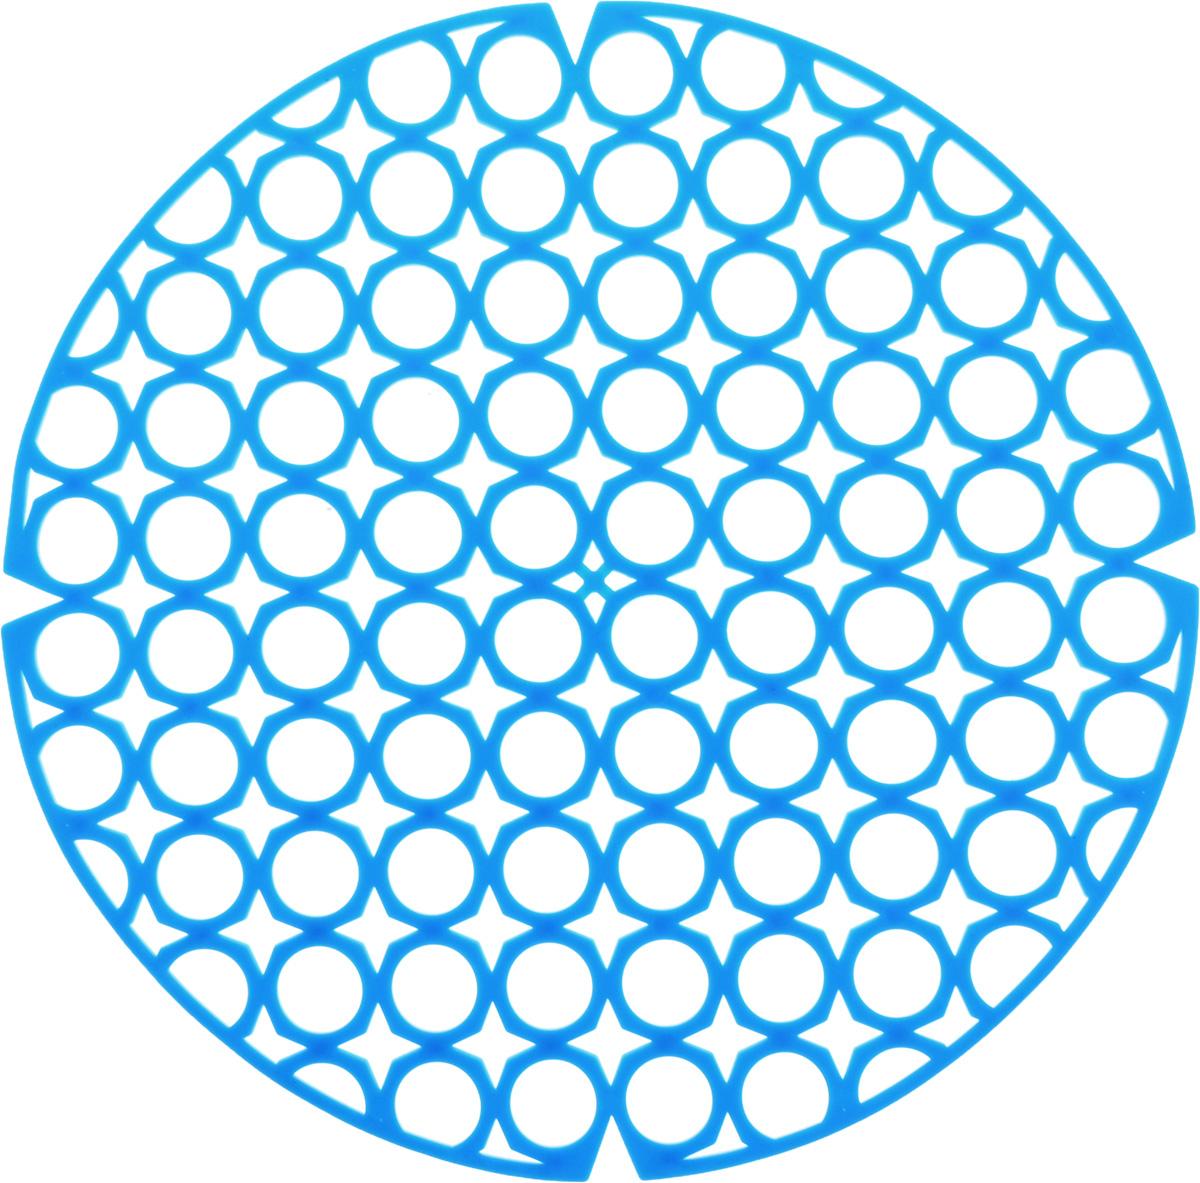 Коврик для раковины York, цвет: голубой, диаметр 27,5 см9560/095600_голубойСтильный и удобный коврик для раковины York изготовлен из сложных полимеров. Он одновременно выполняет несколько функций: украшает, защищает мойку от царапин и сколов, смягчает удары при падении посуды в мойку. Коврик также можно использовать для сушки посуды, фруктов и овощей. Он легко очищается отгрязи и жира.Диаметр: 27,5 см.